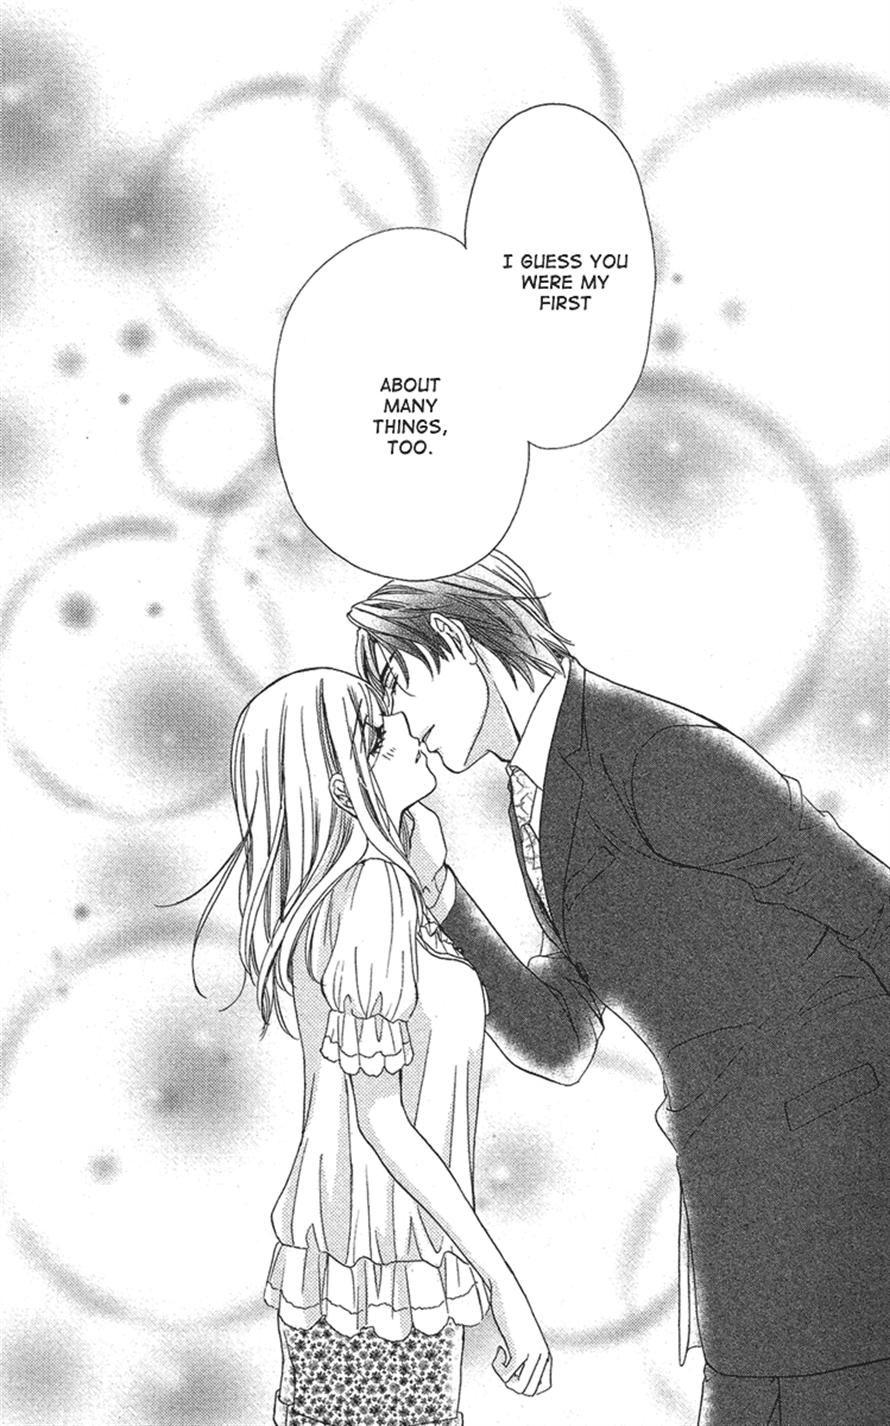 AWWW Hapi Mari Romantic manga, Hapi mari manga, Manga